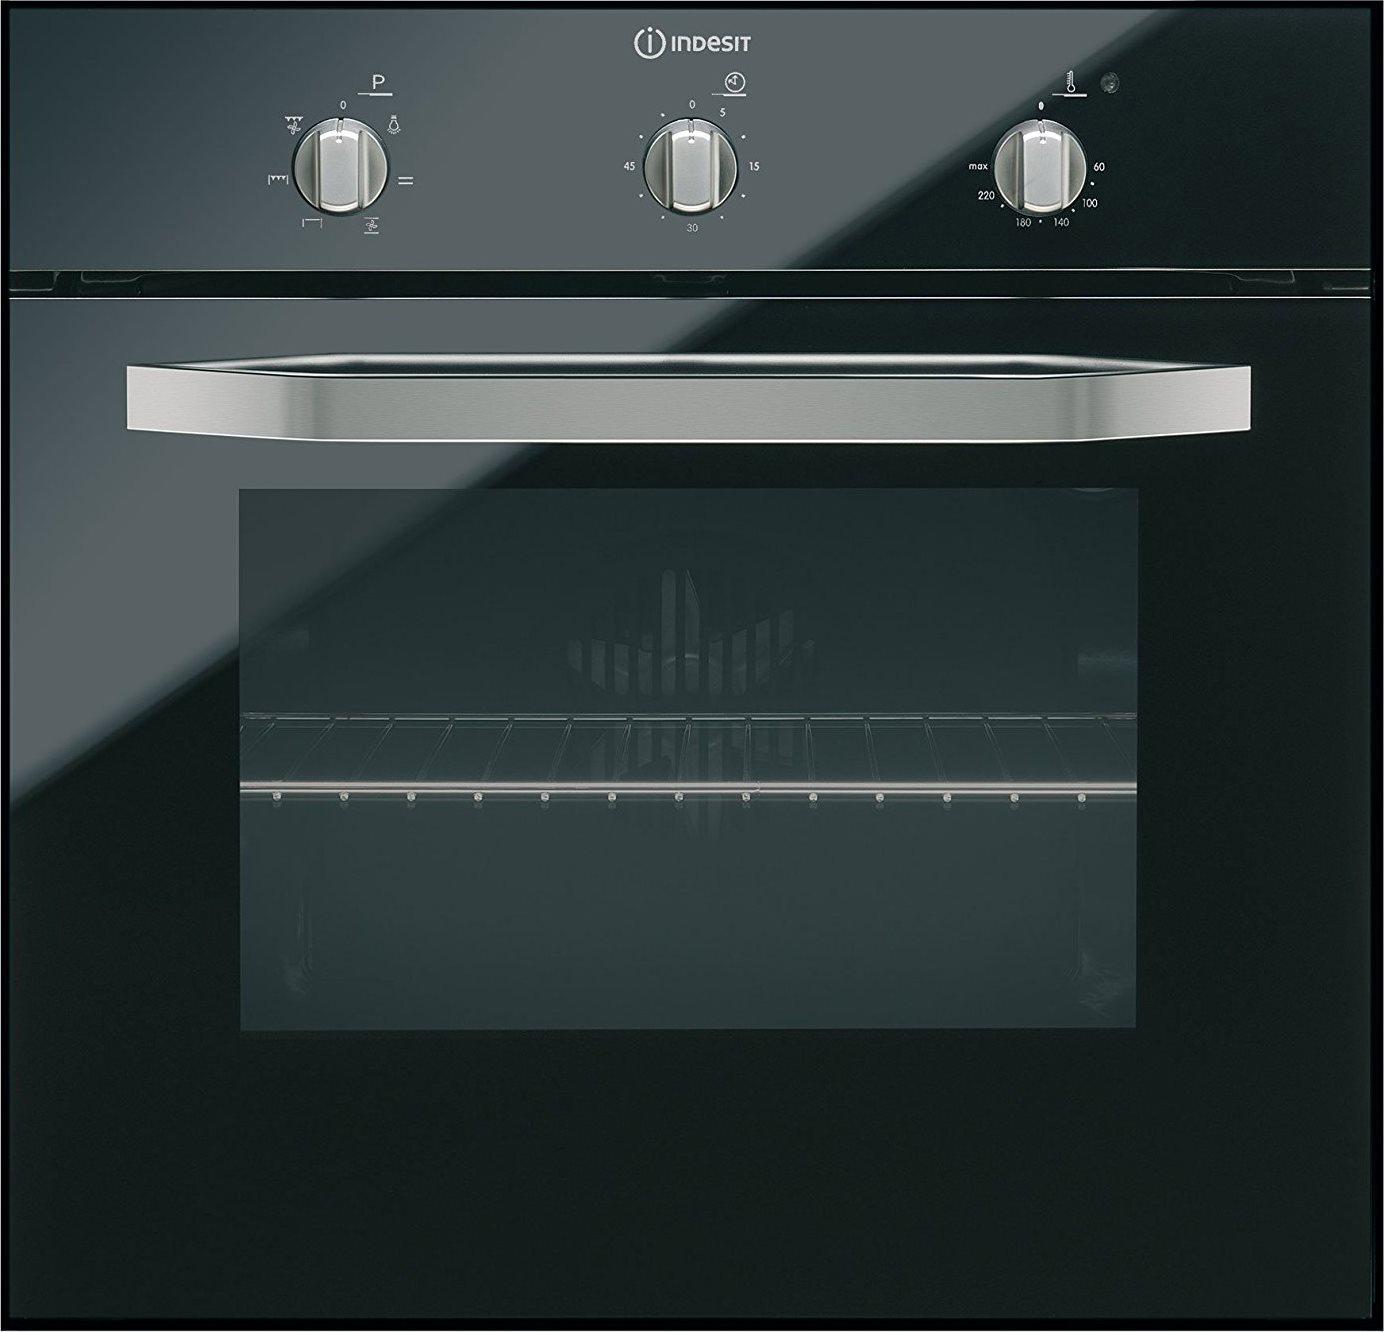 Forno indesit ifg 51 k a bk serie prime glass forno da incasso elettrico ventilato con grill - Forno da incasso indesit ...